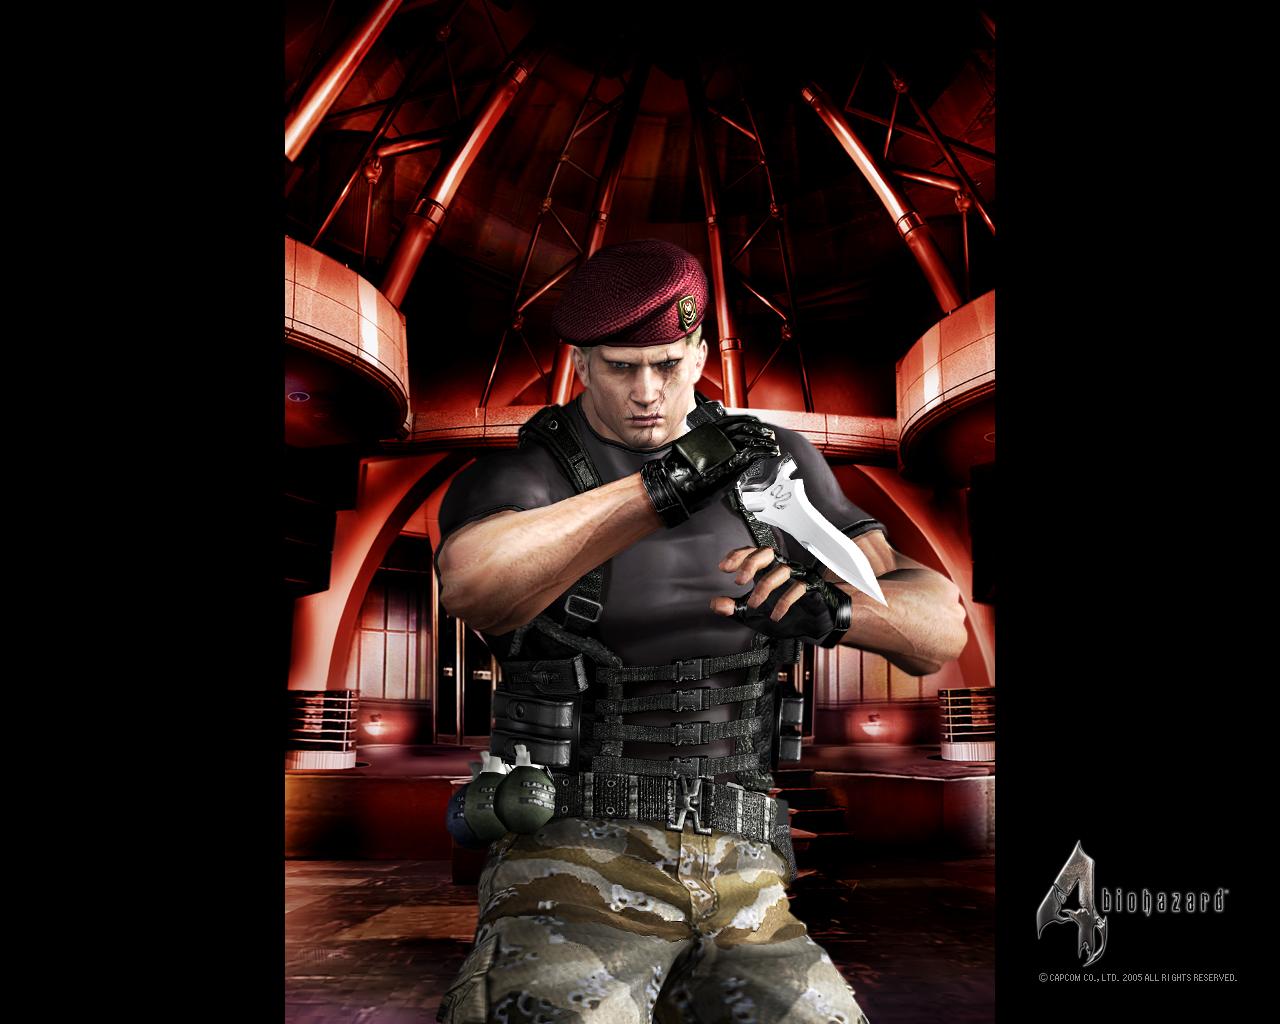 Biohazard 4 (Resident Evil 4) Residentevil4krauser4jl